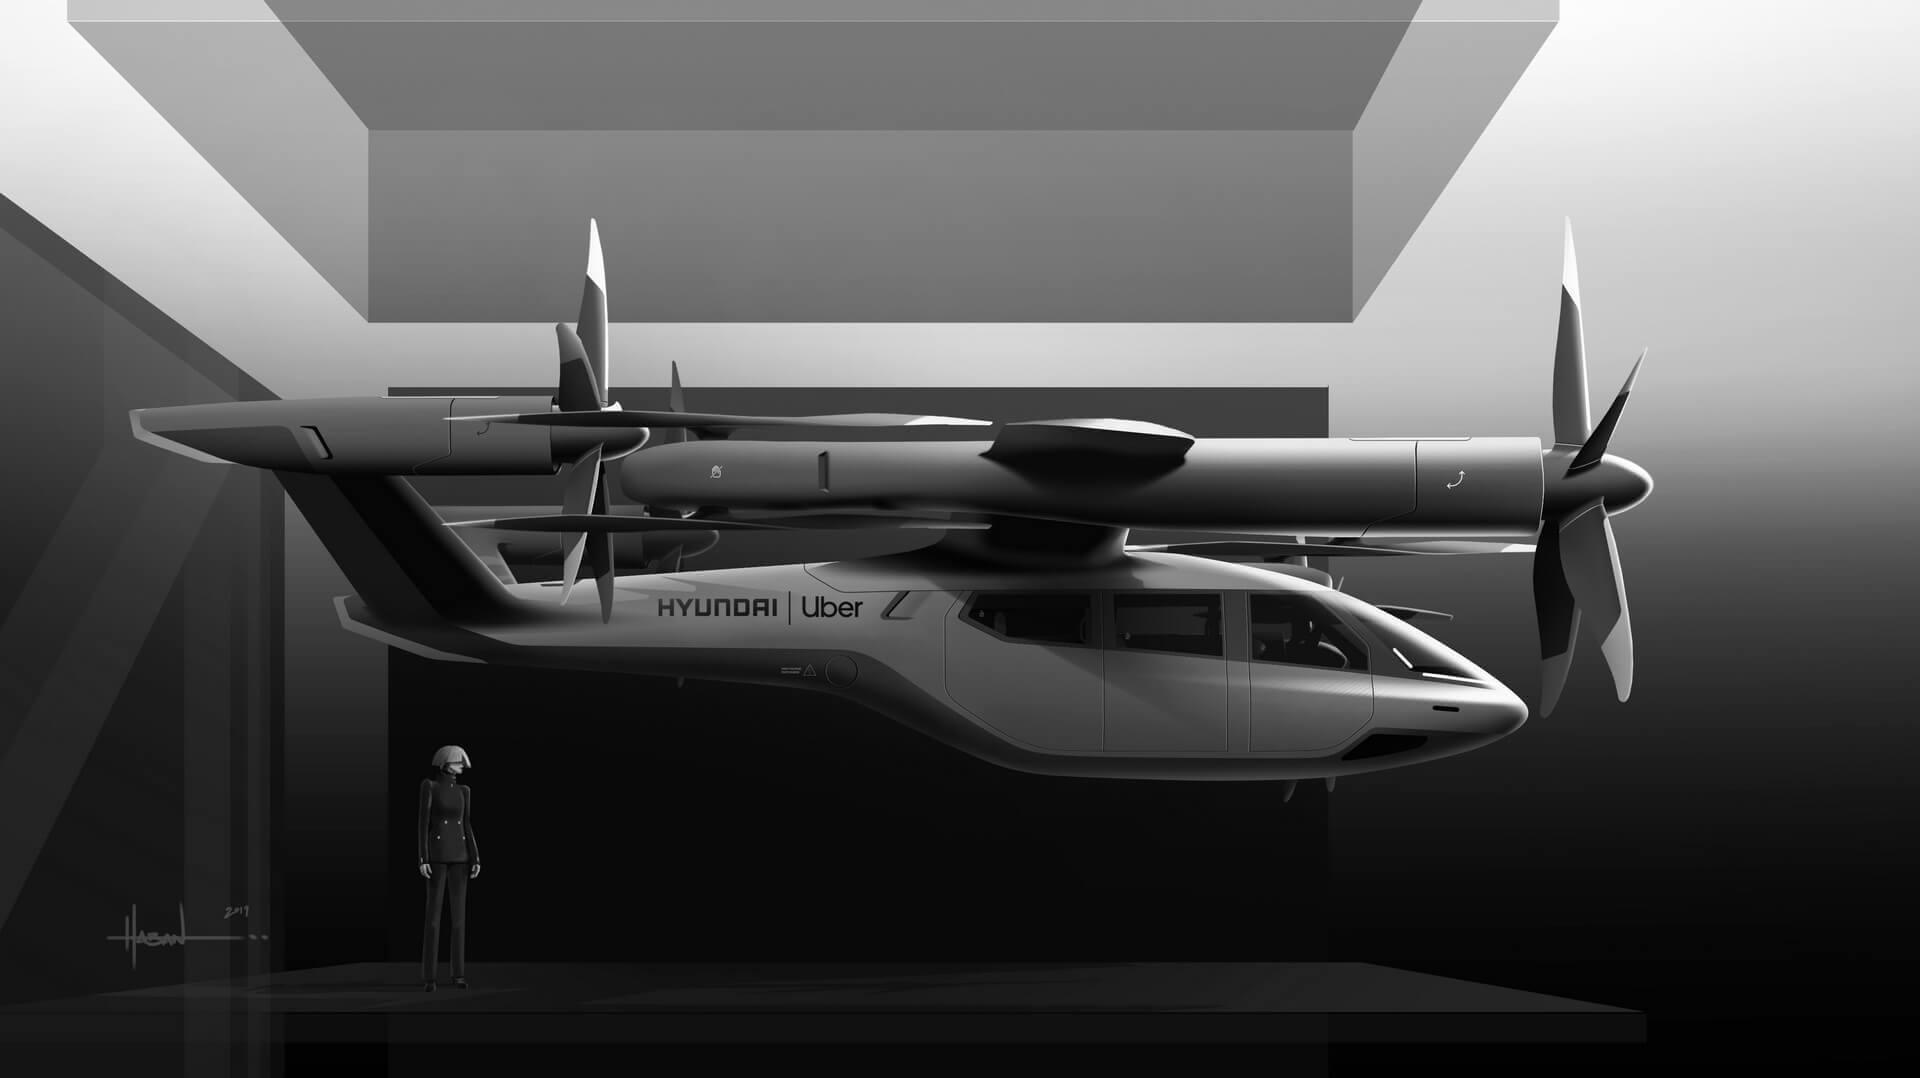 «S-A1»: концепт персонального воздушного транспорта, разработанный совместно с Uber